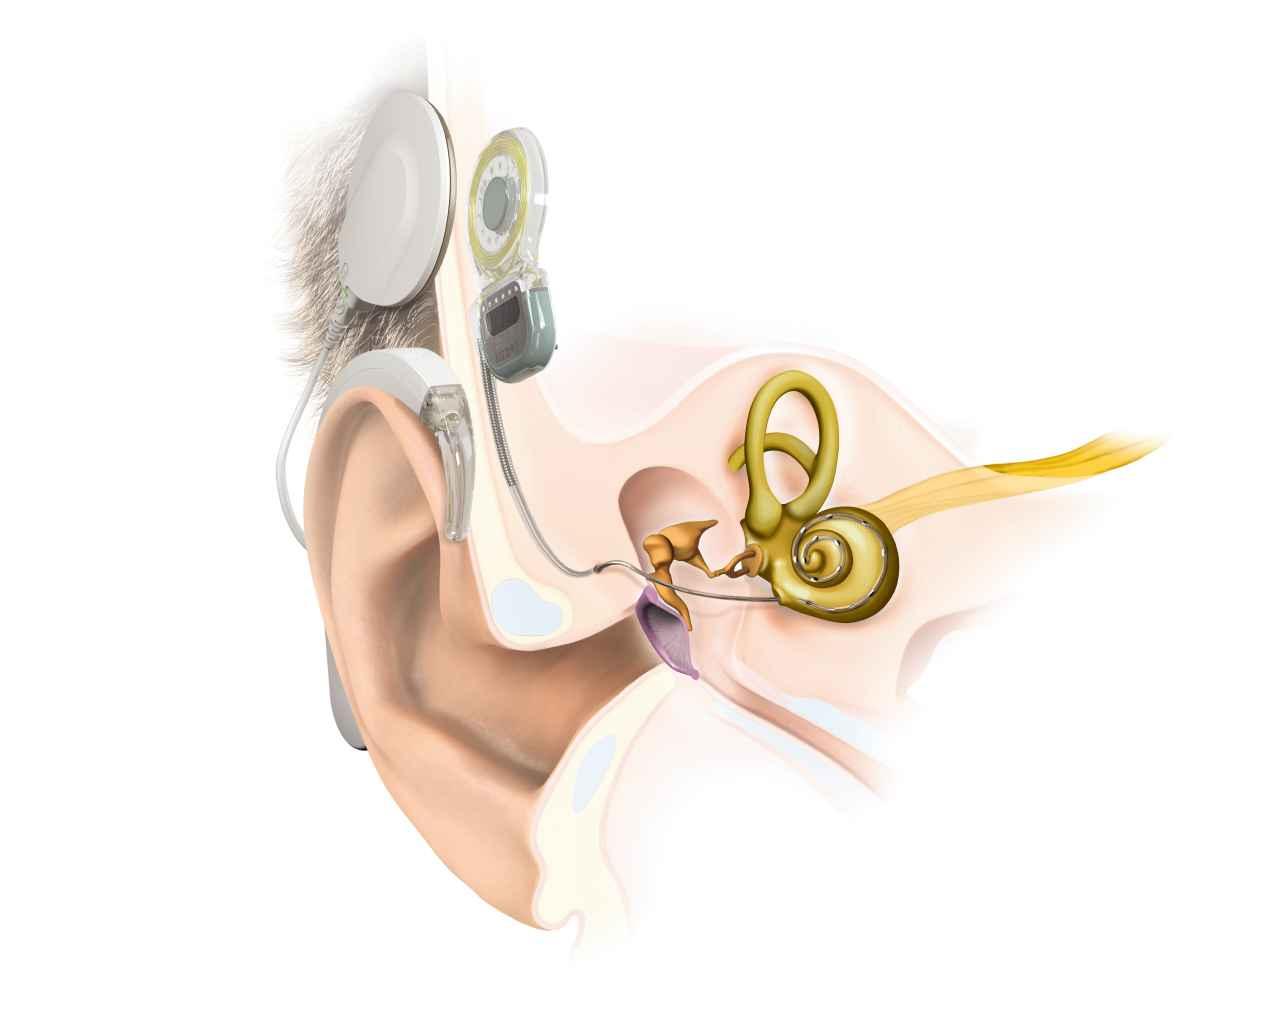 EarAnatomy_SYNCHRONY_DLCoil_RW (1)